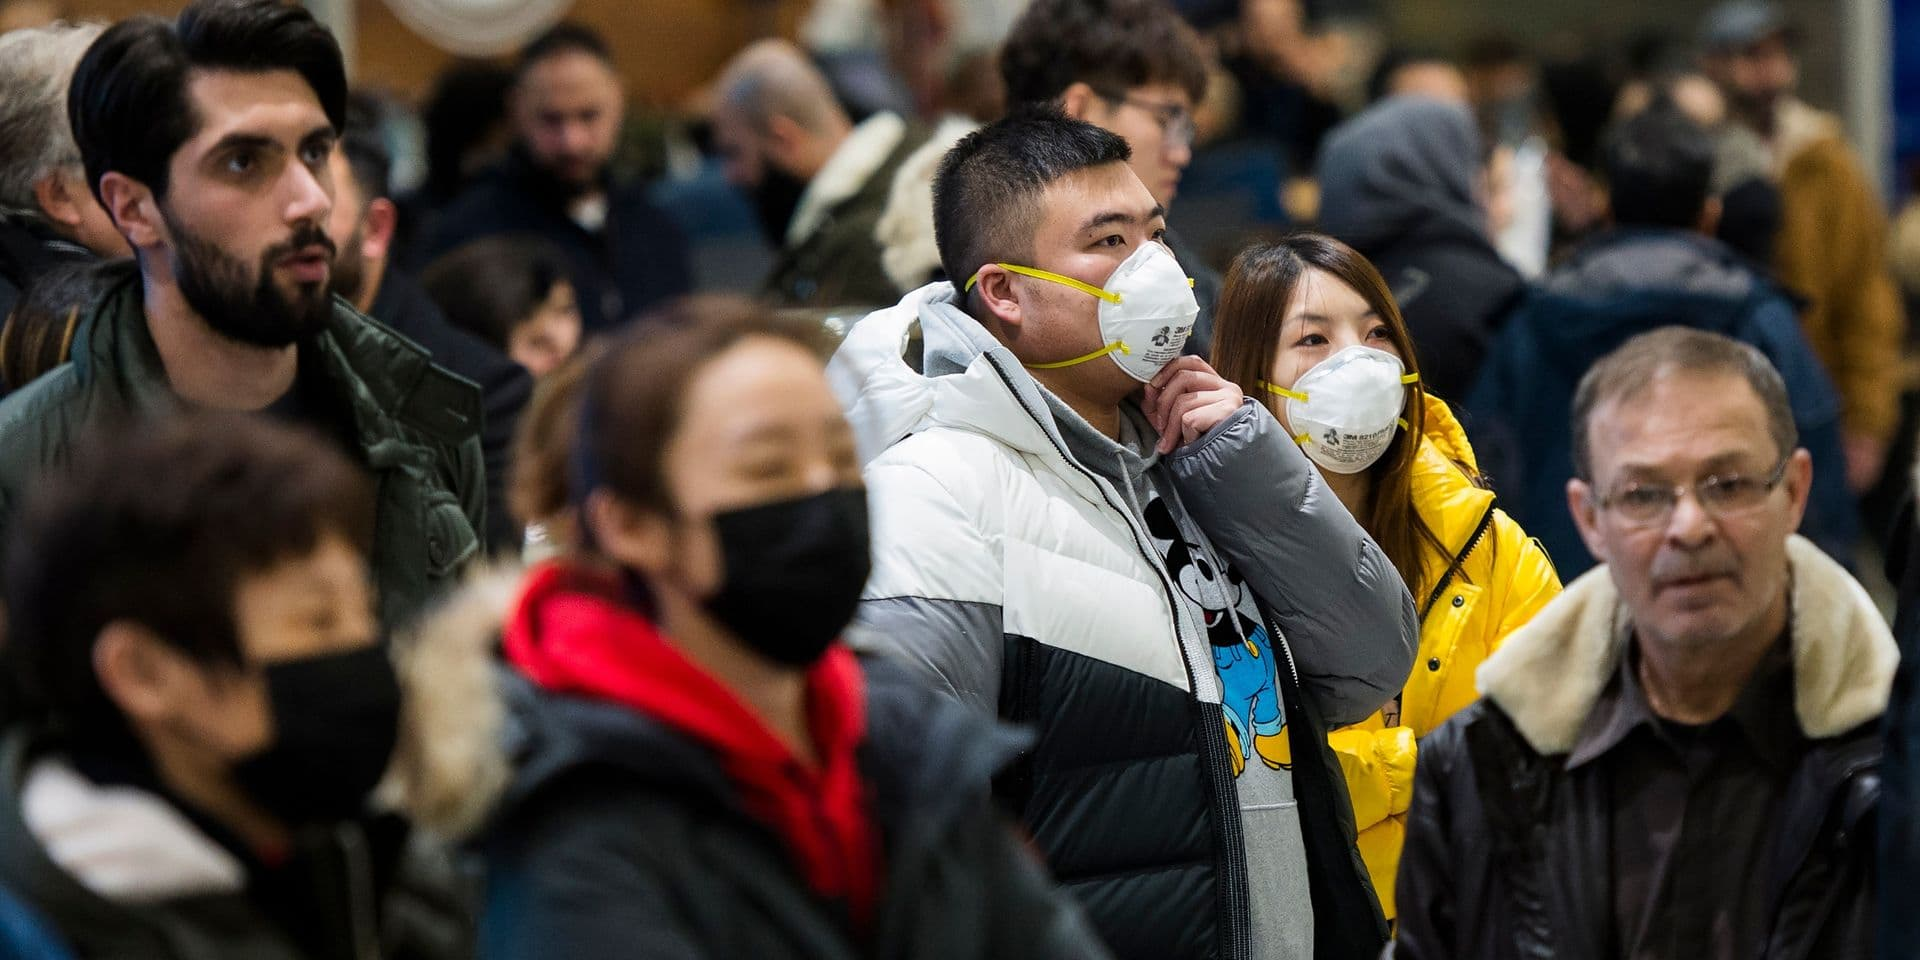 Virus chinois: le bilan monte à 56 morts, Disneyland ferme ses portes à Hong Kong